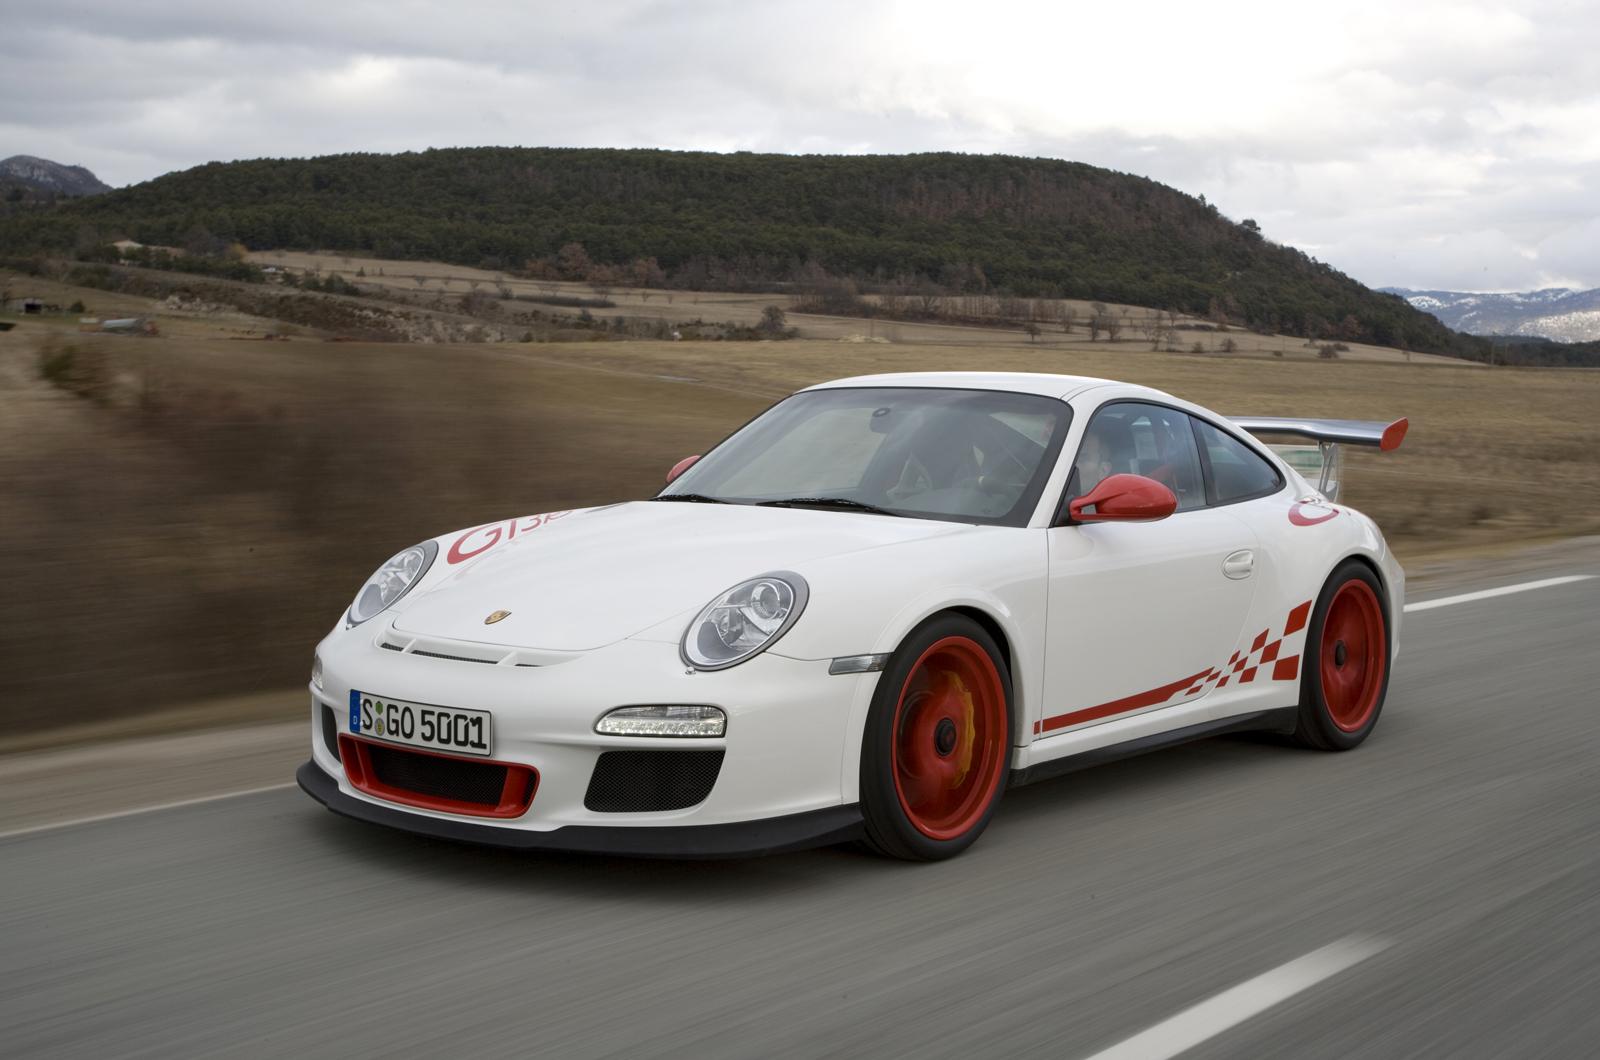 Porsche 911 gt3 rs review 2017 autocar - Porsche 911 Gt3 Rs Review 2017 Autocar 0